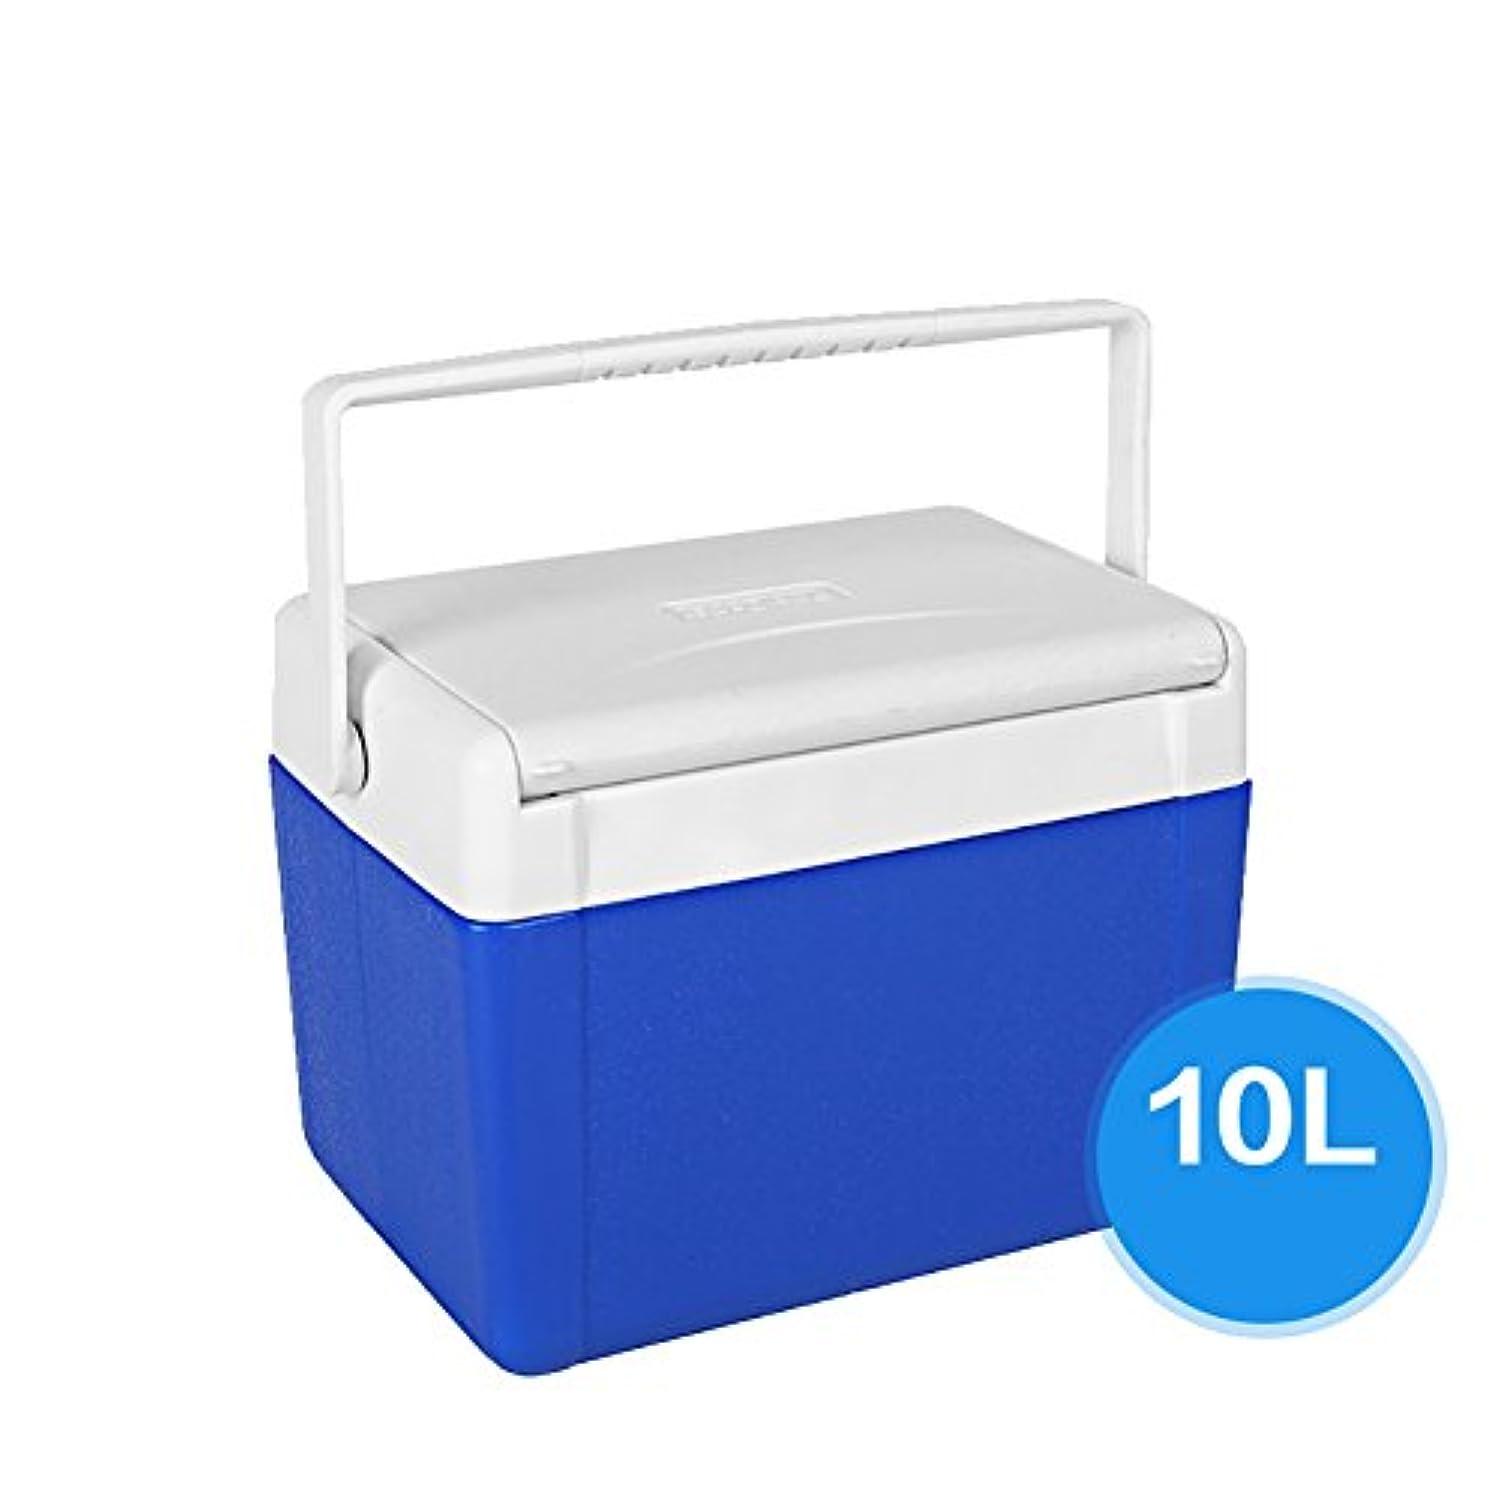 経験名詞熟すアウトドア用断熱箱クーラー国内車ボーンポータブルアイス袋屋外用釣りピクニック温度計付き鮮度保持アイスバケツ